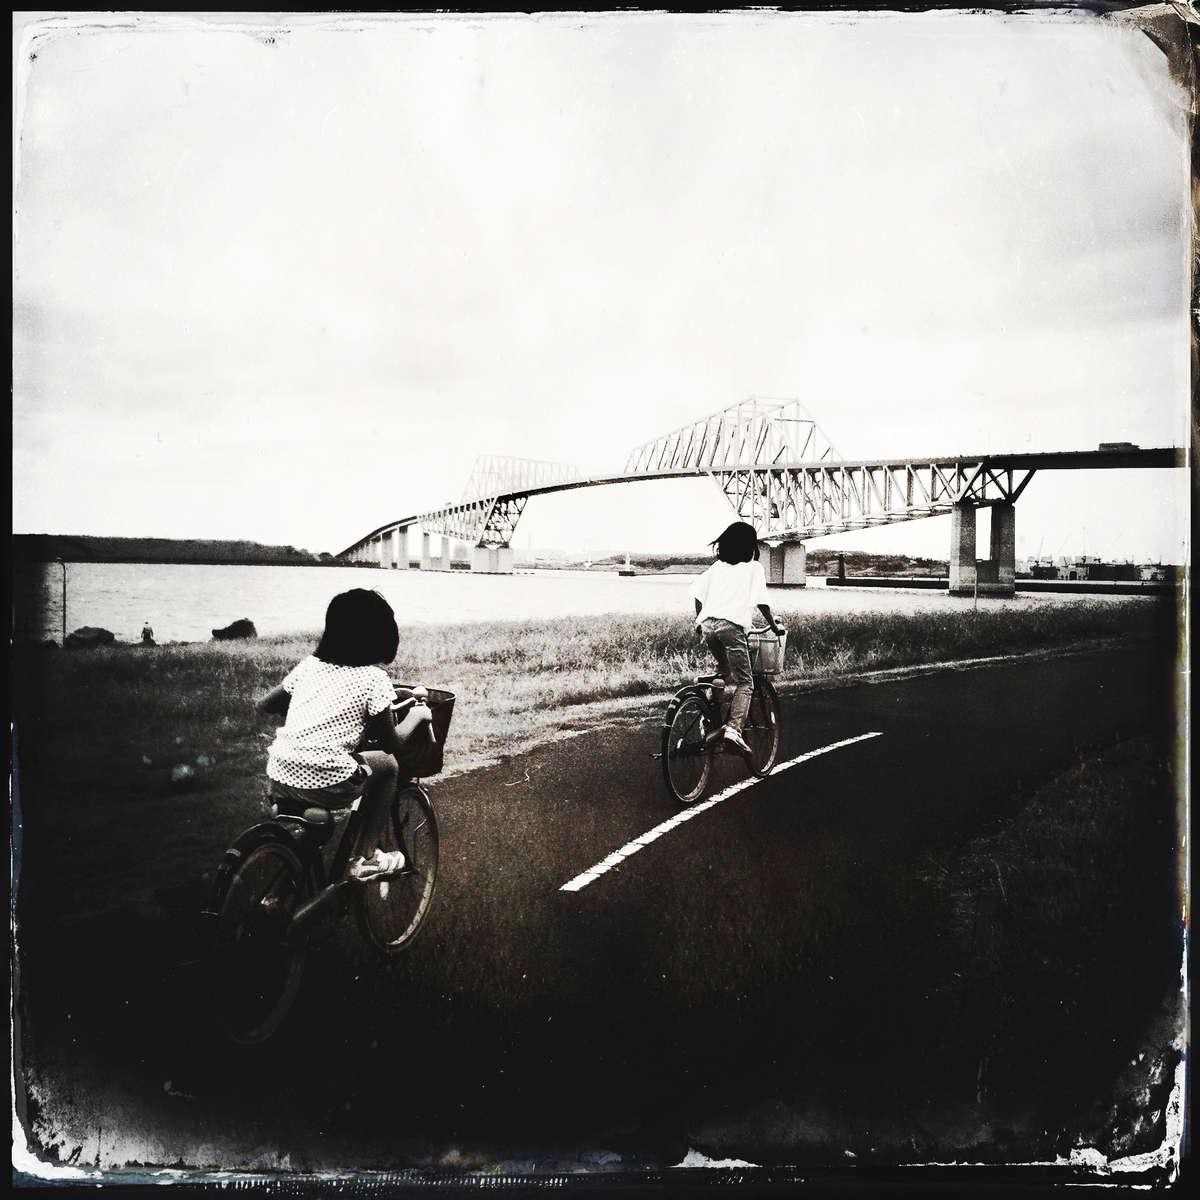 Children on bicycles near Tokyo Gate Bridge. #tokyo #latergram